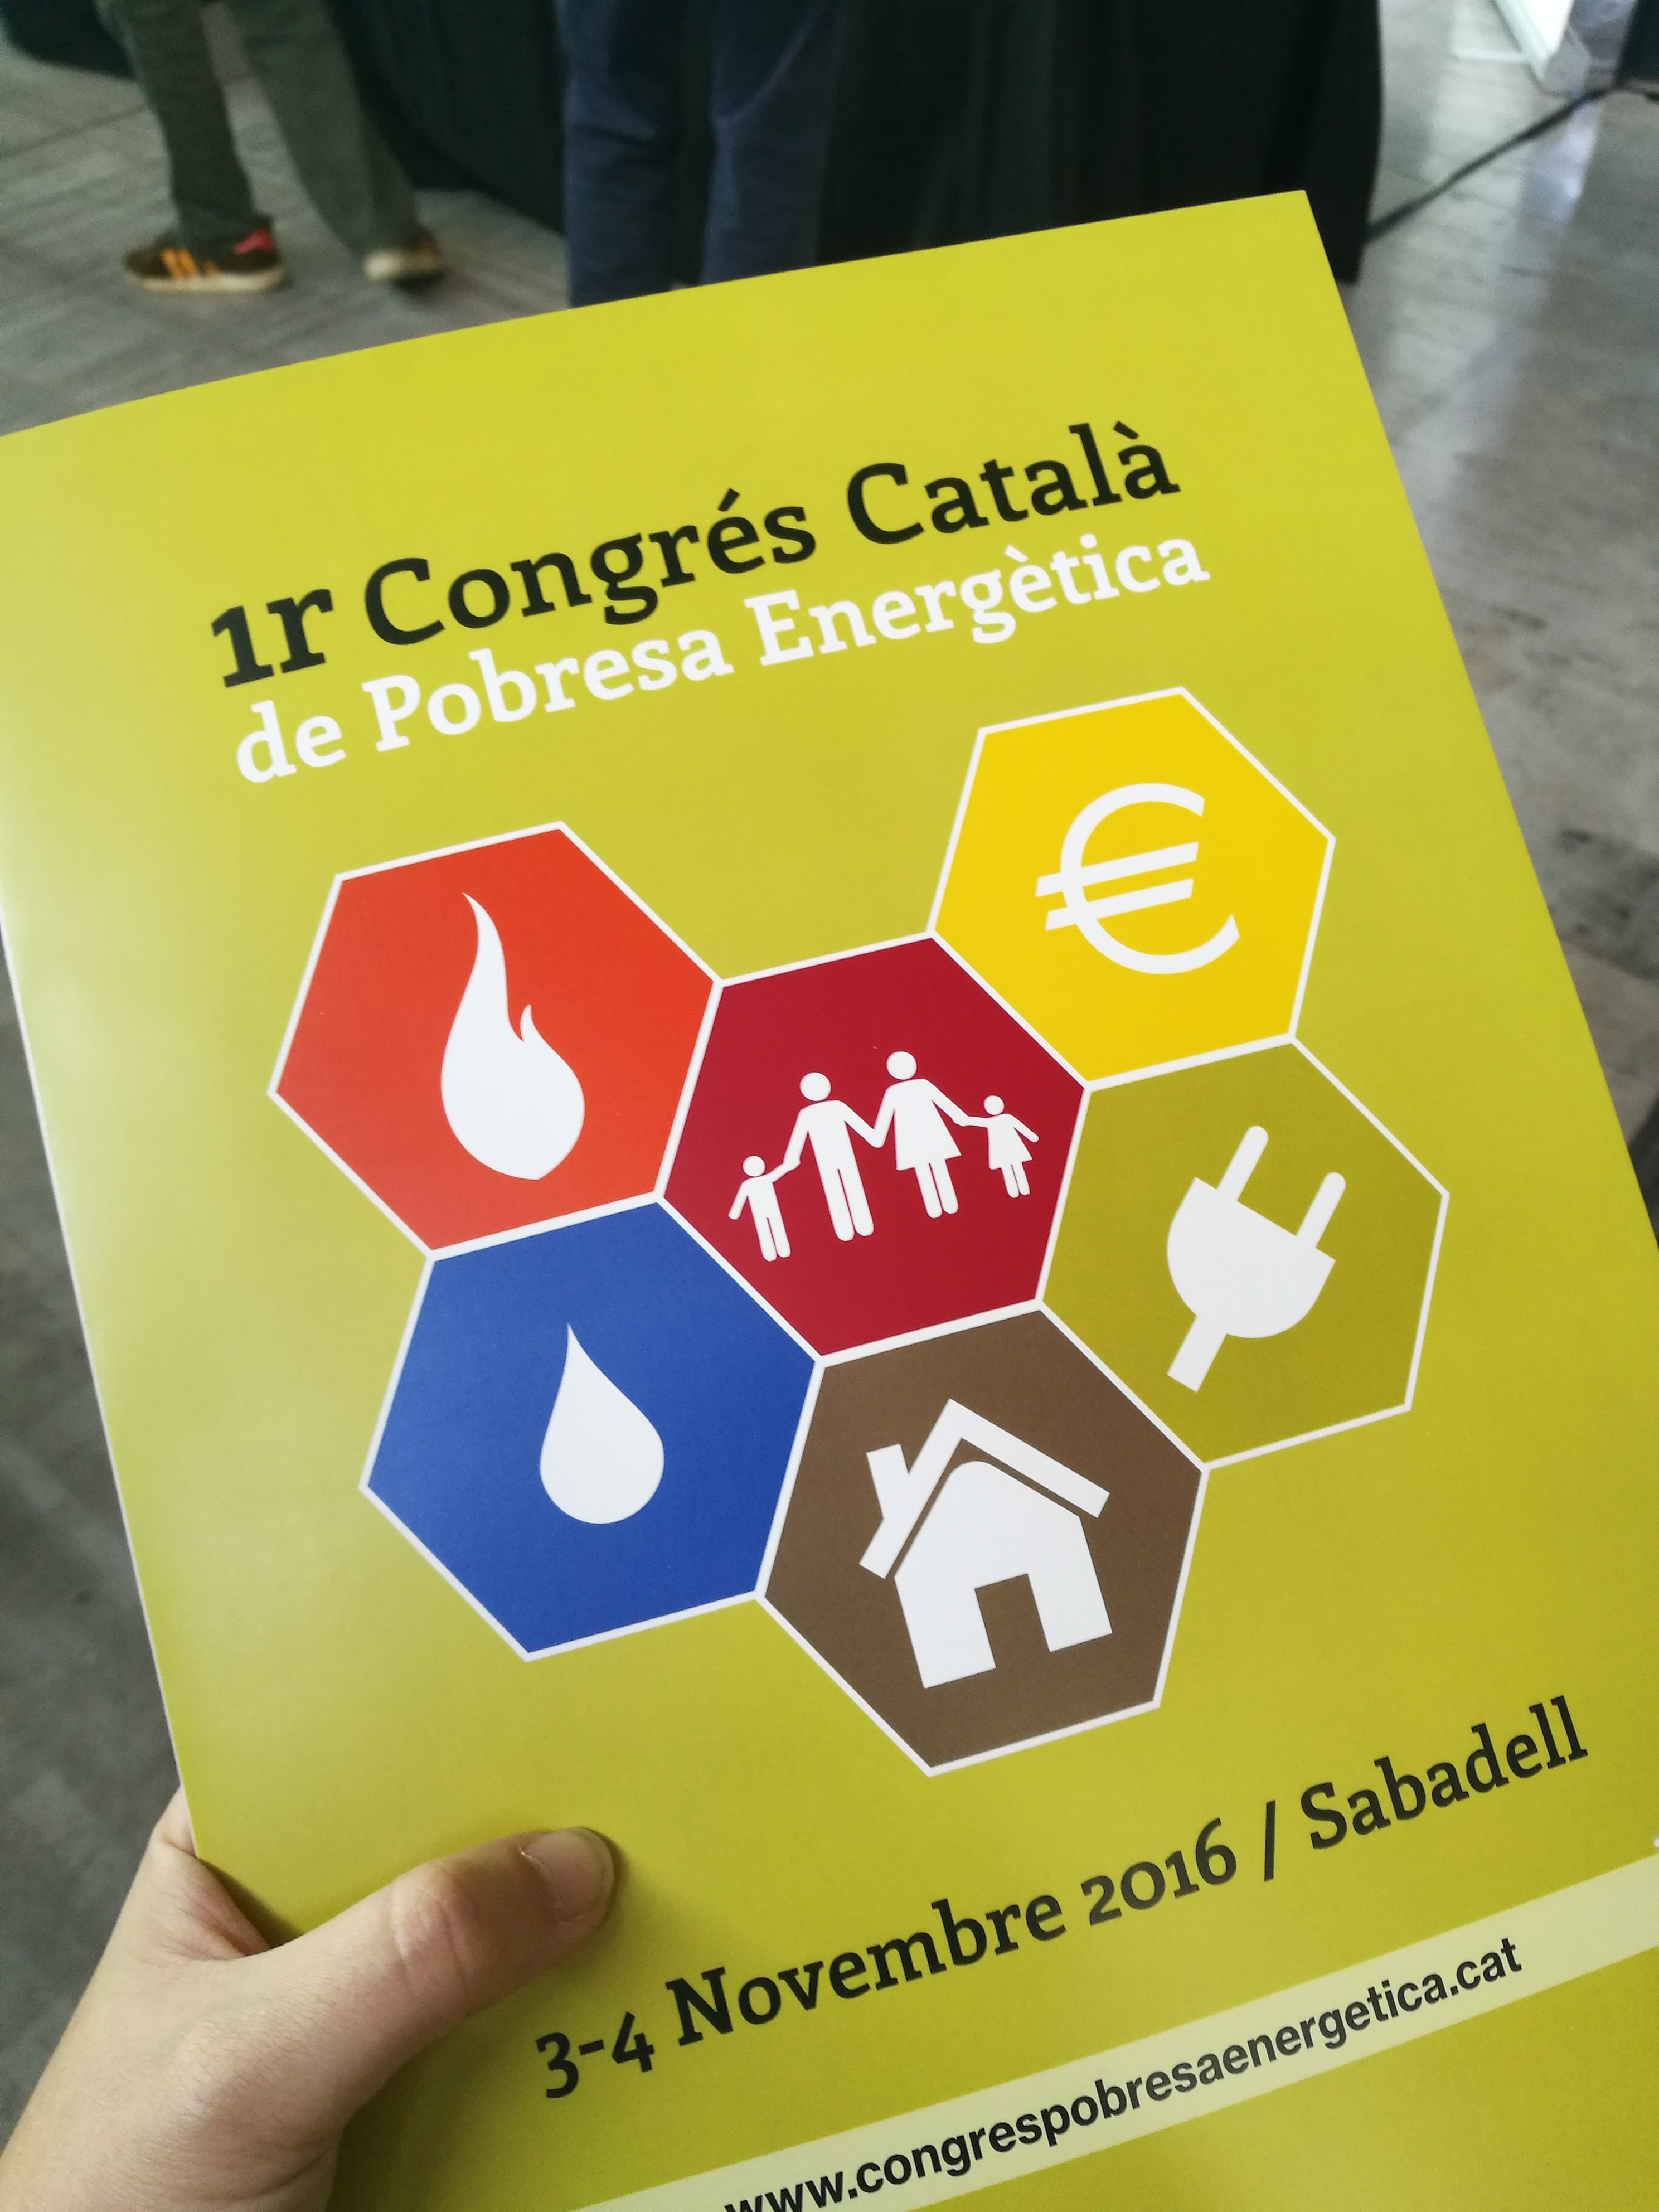 I Congrés de pobresa energètica a Catalunya